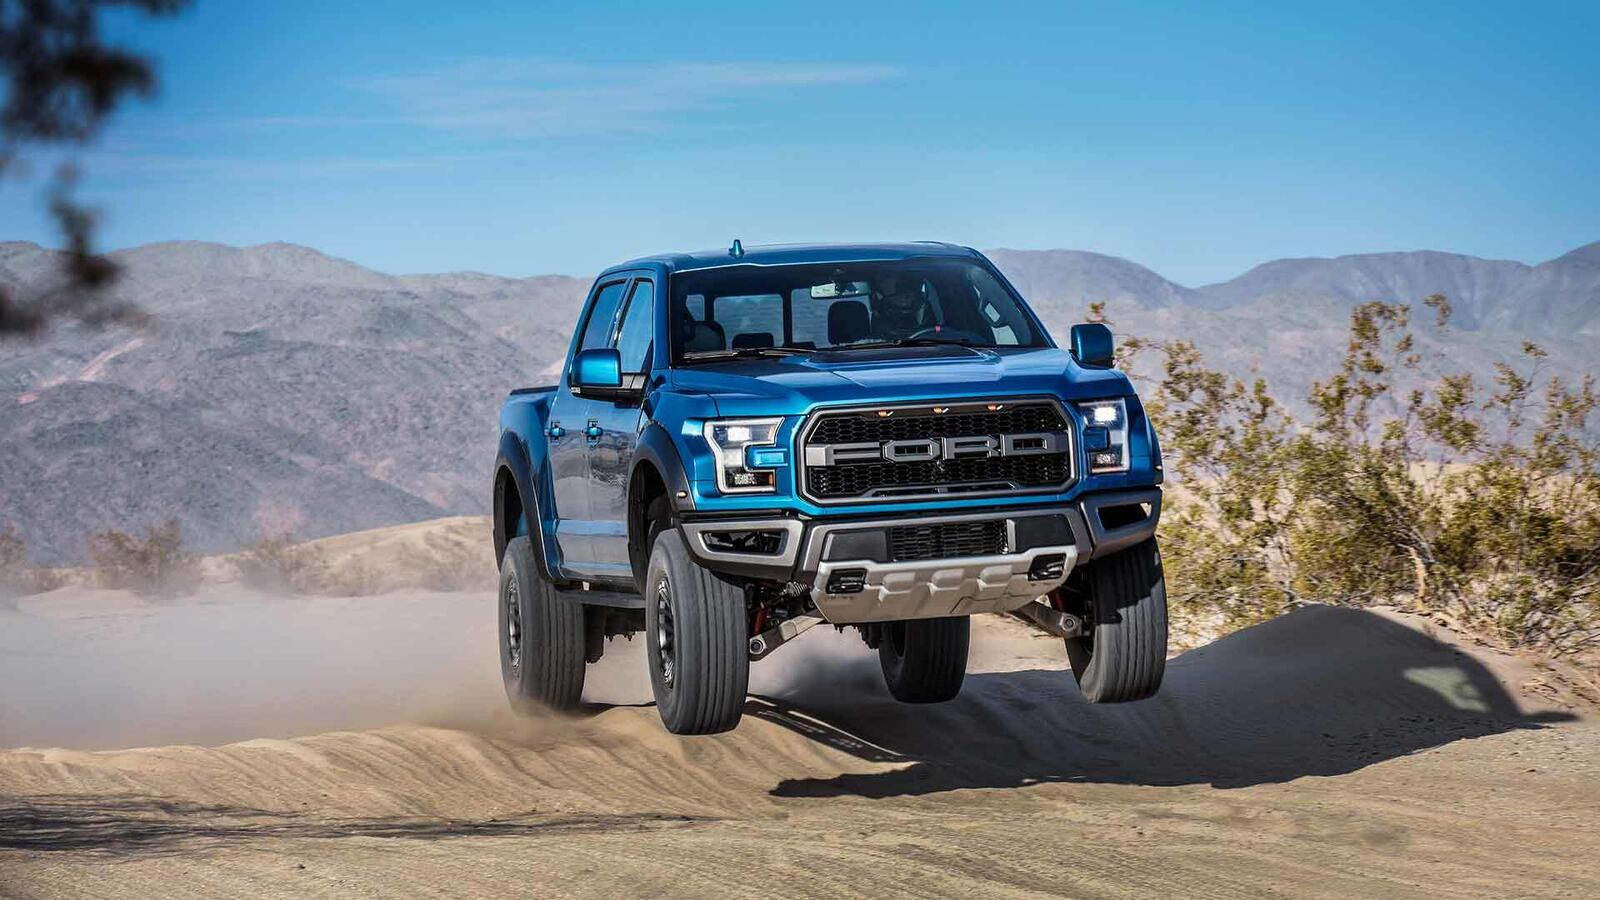 Ford F-150 Raptor 2019 sẽ được trang bị Cruise Control dành cho Off-Road - Hình 3